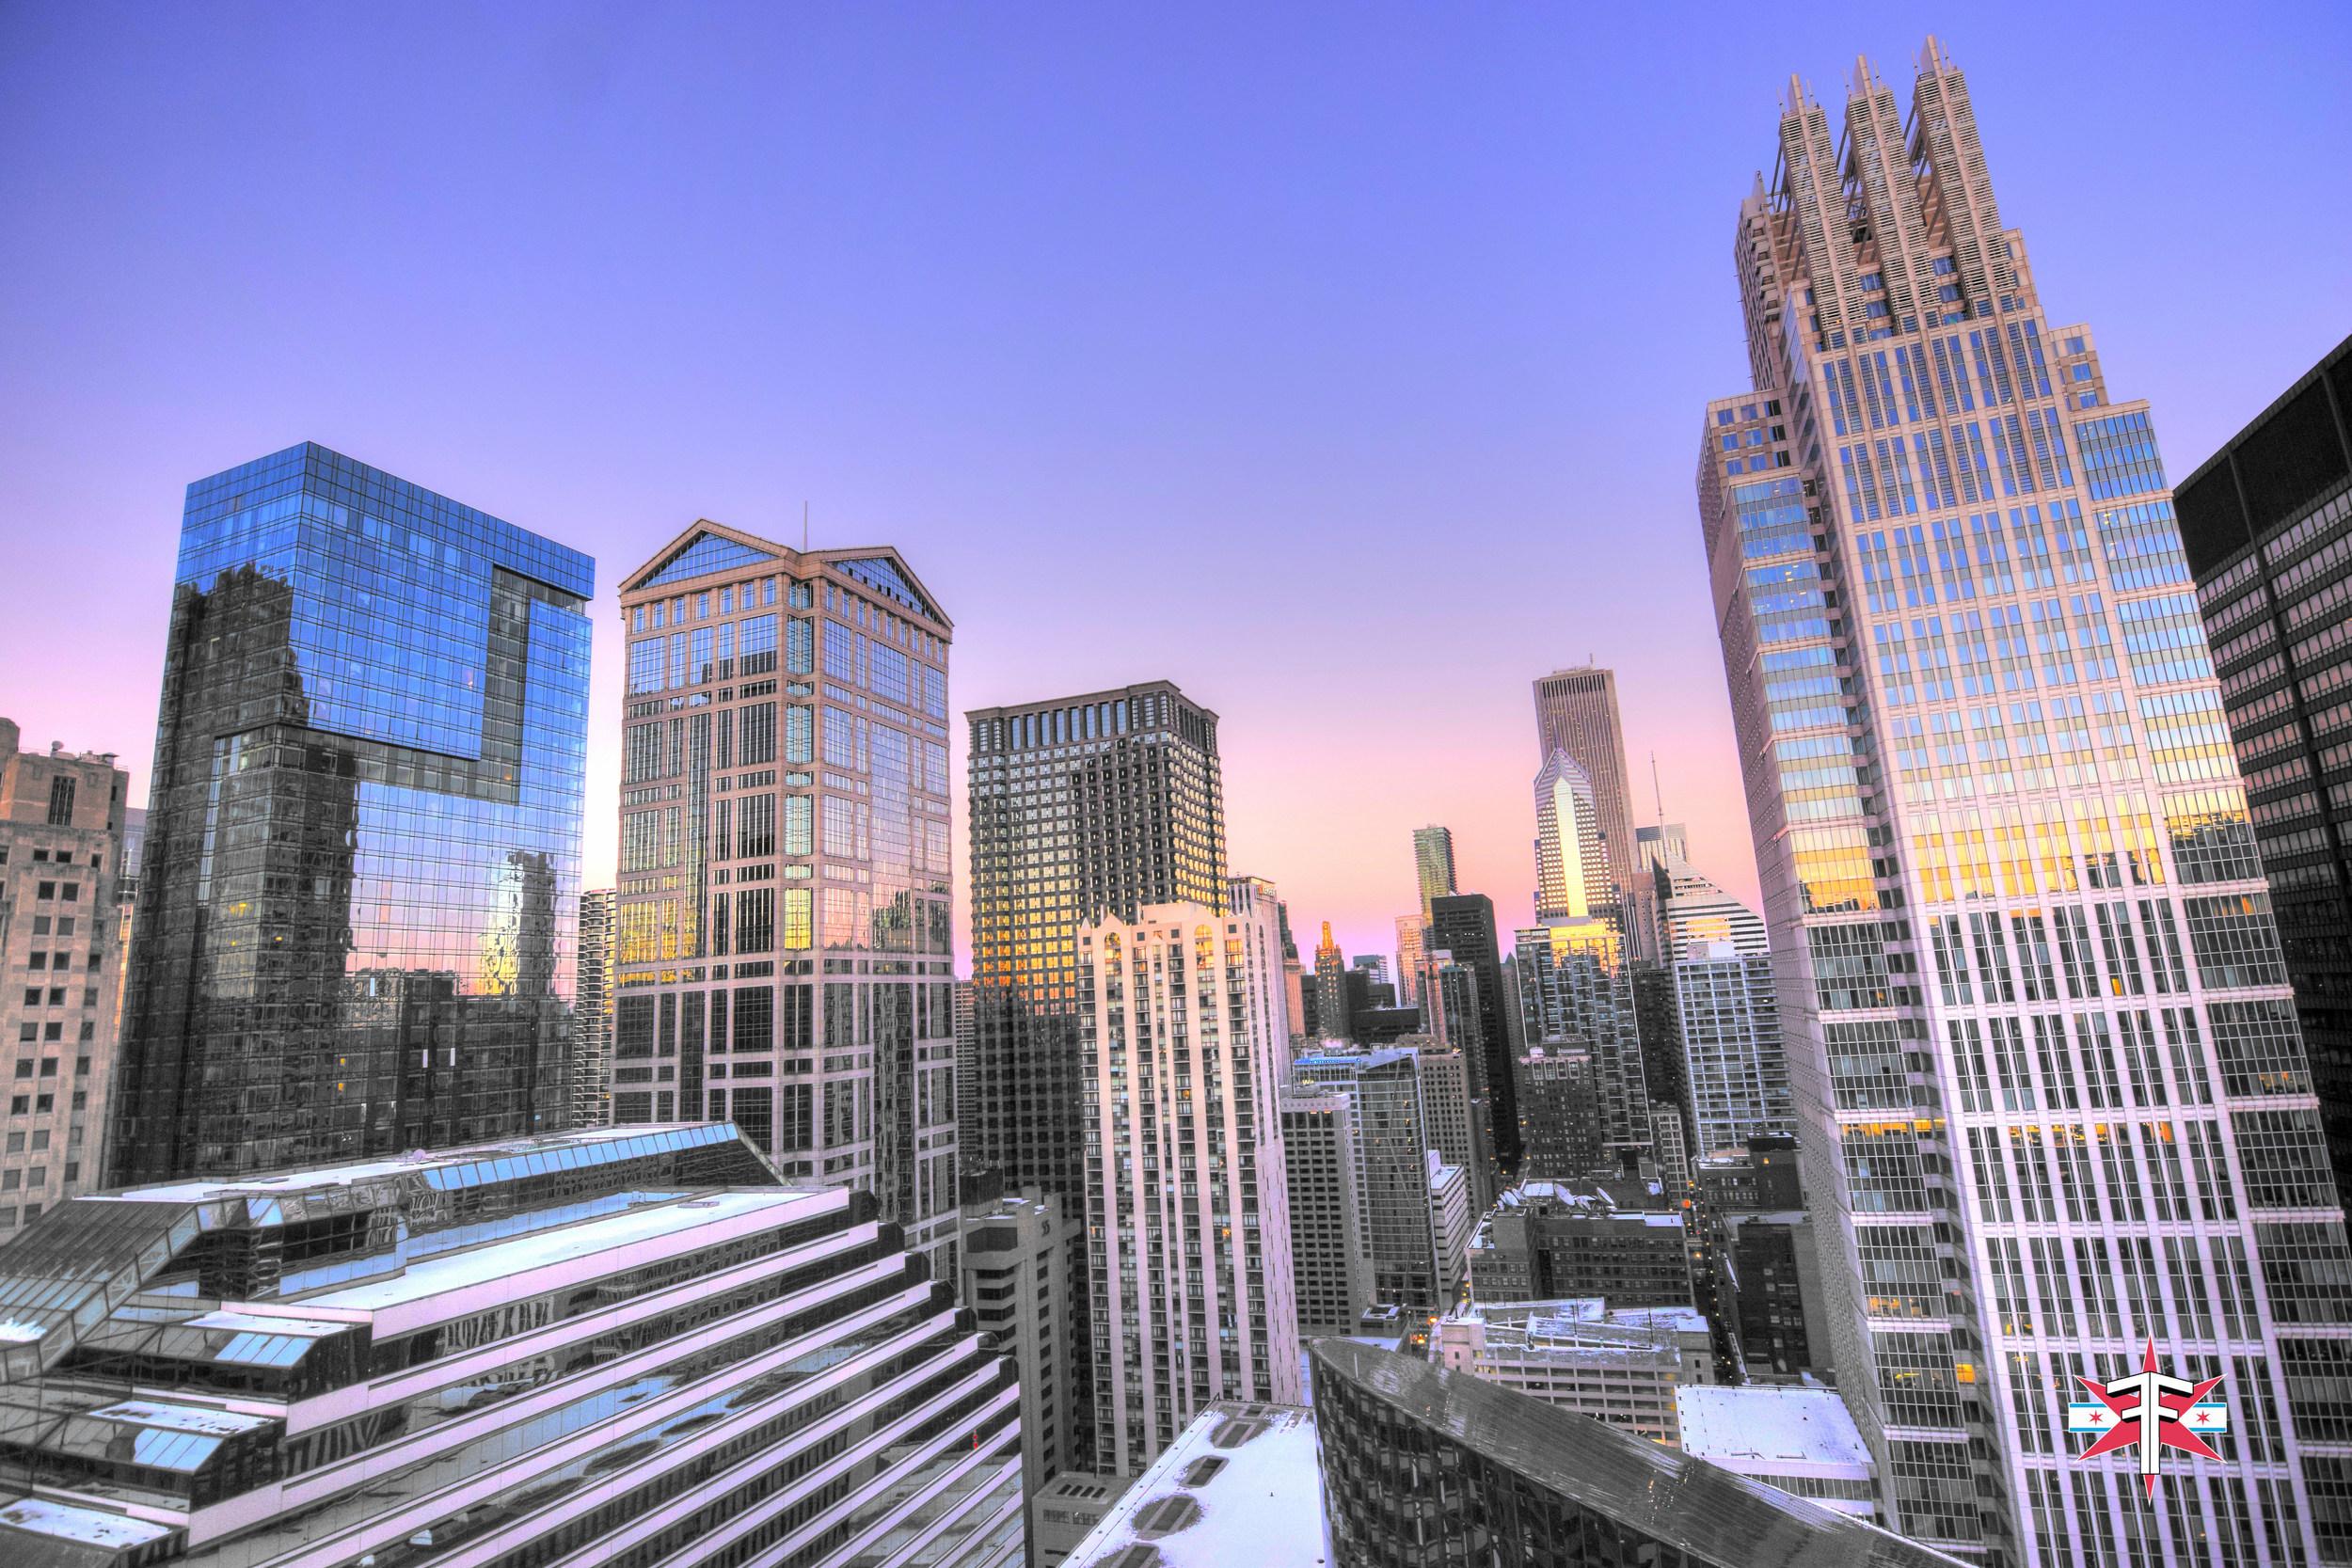 chicago art architecture eric formato photography design arquitectura architettura buildings skyscraper skyscrapers-335.jpg